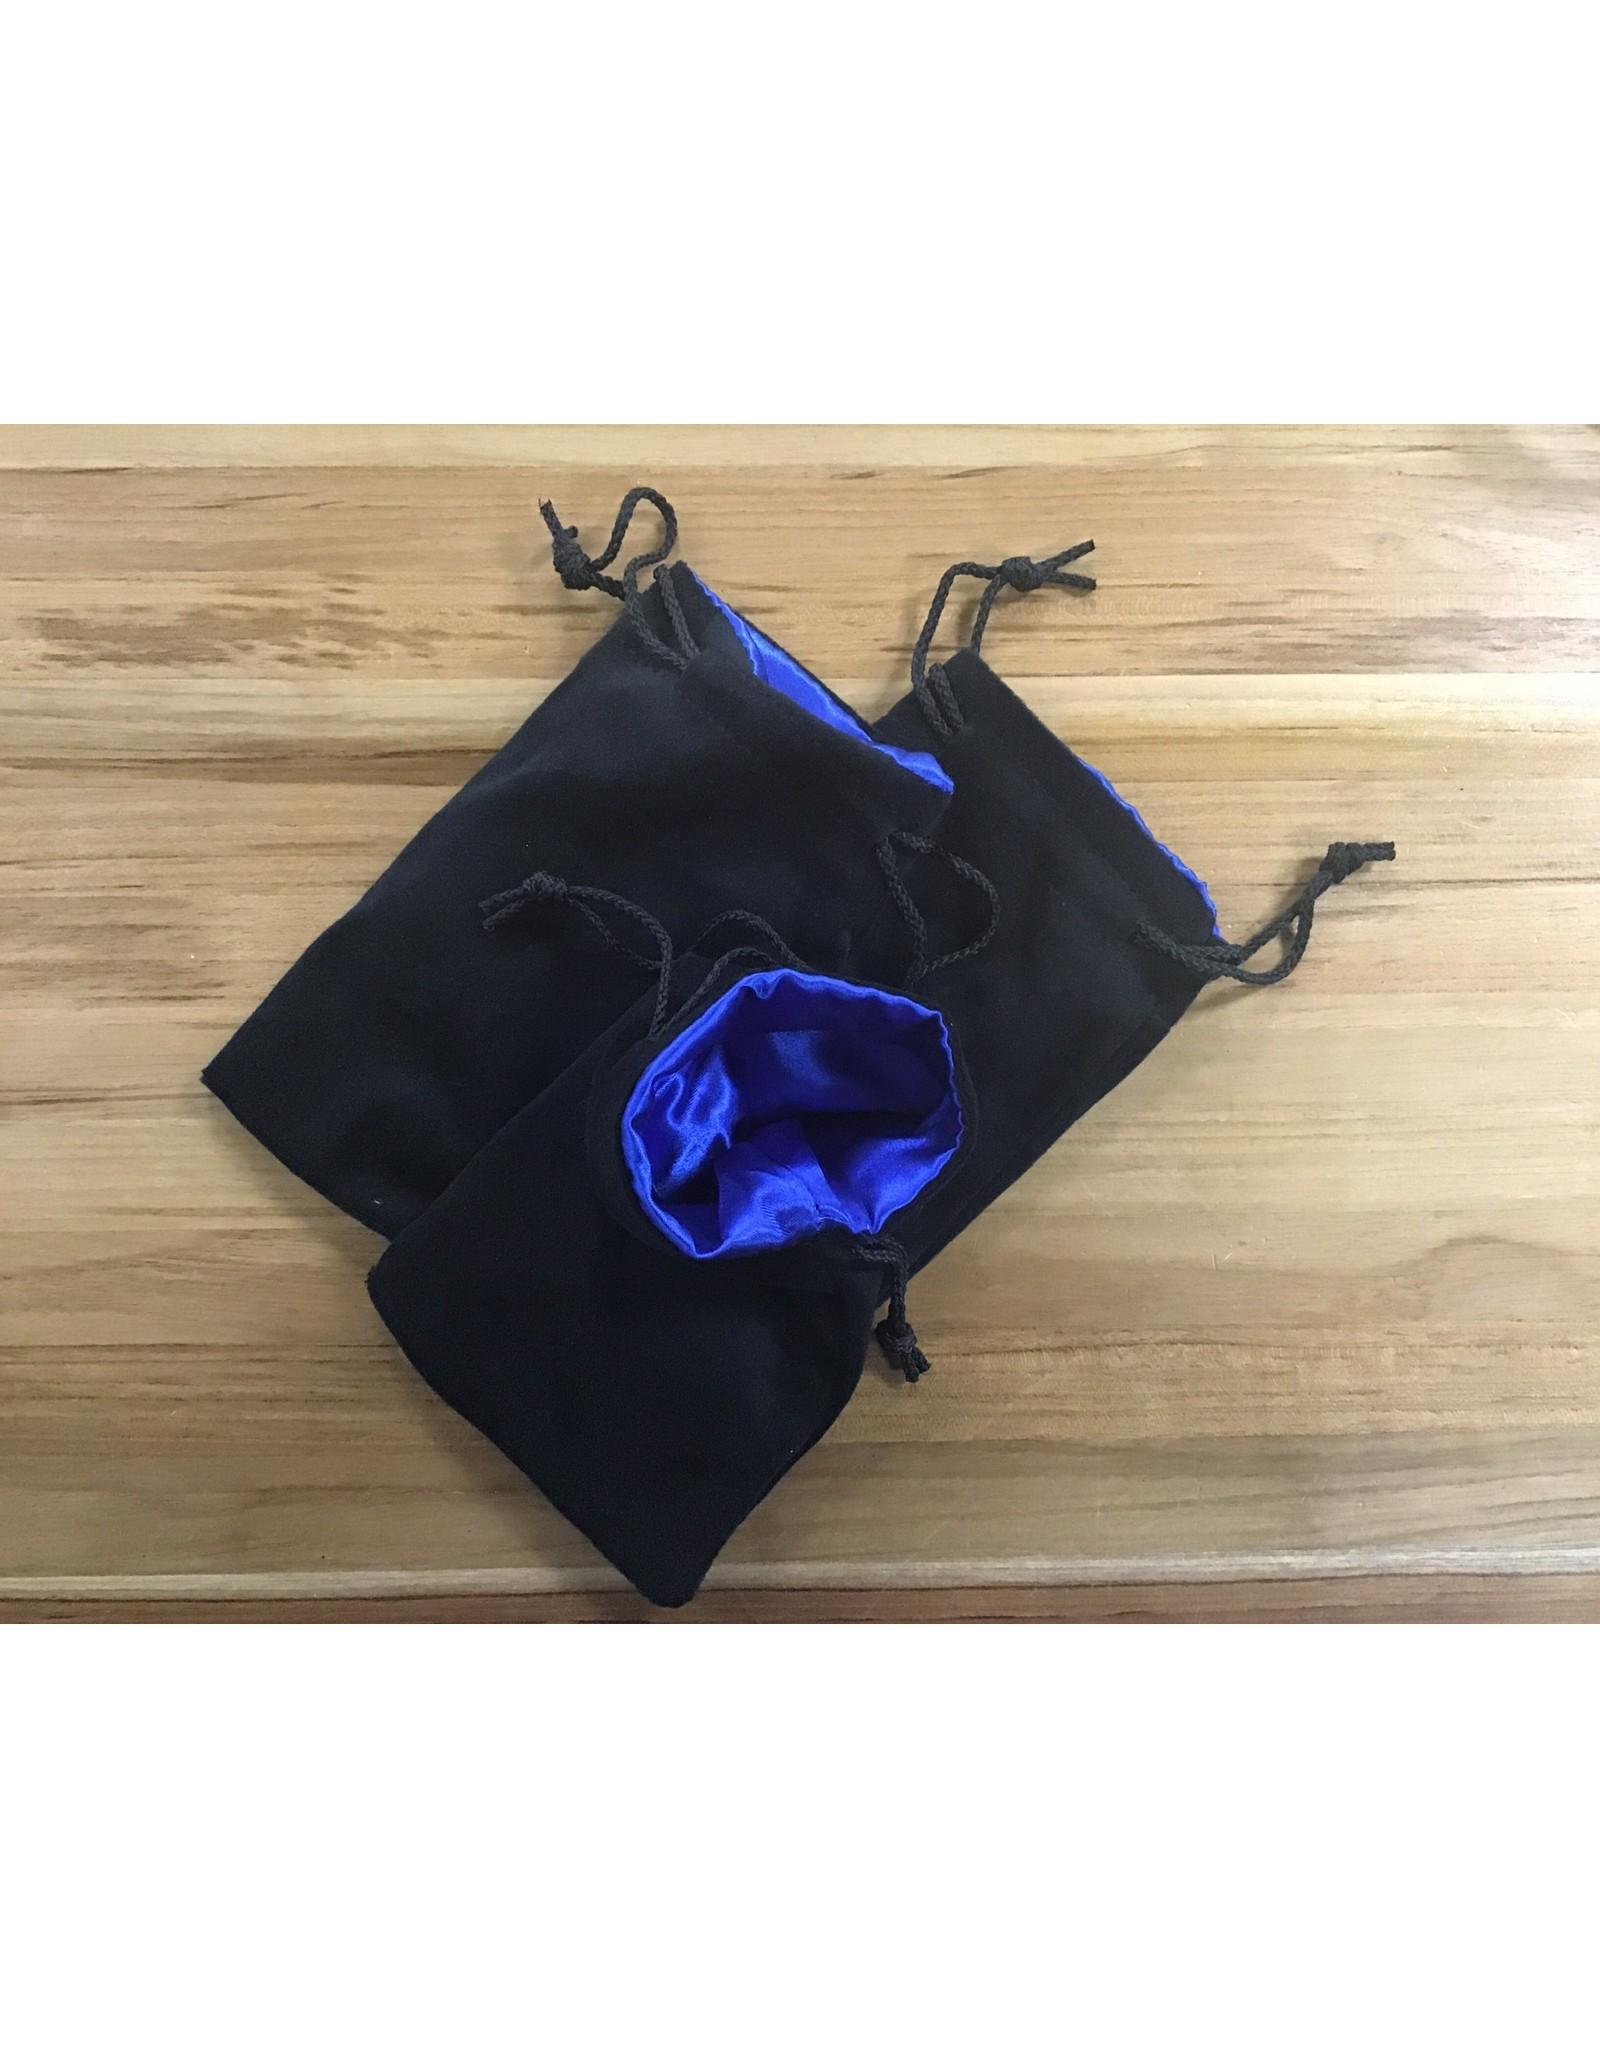 Velvet Dice Bag Large - Black & Blue